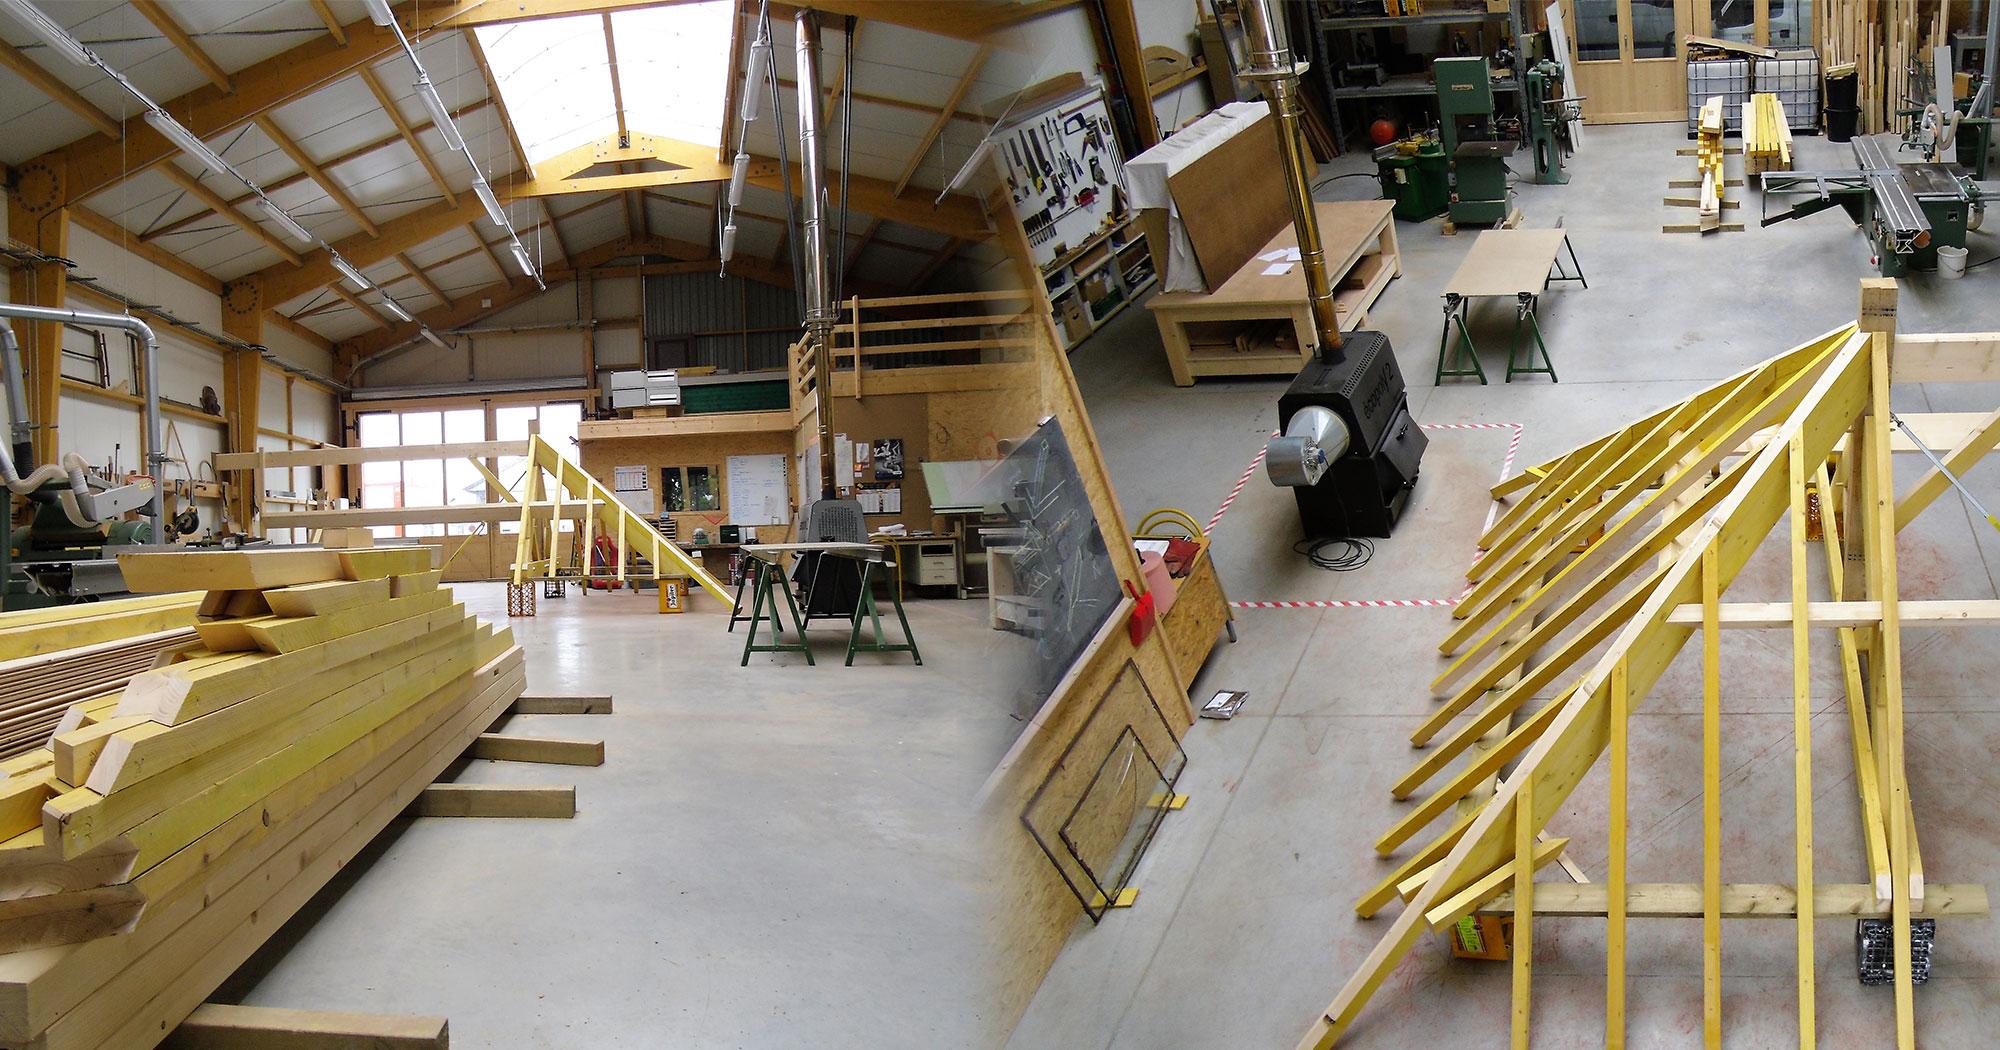 Blondel champigny m tal charpente sur poteaux garages bois for Montereau fault yonne code postal